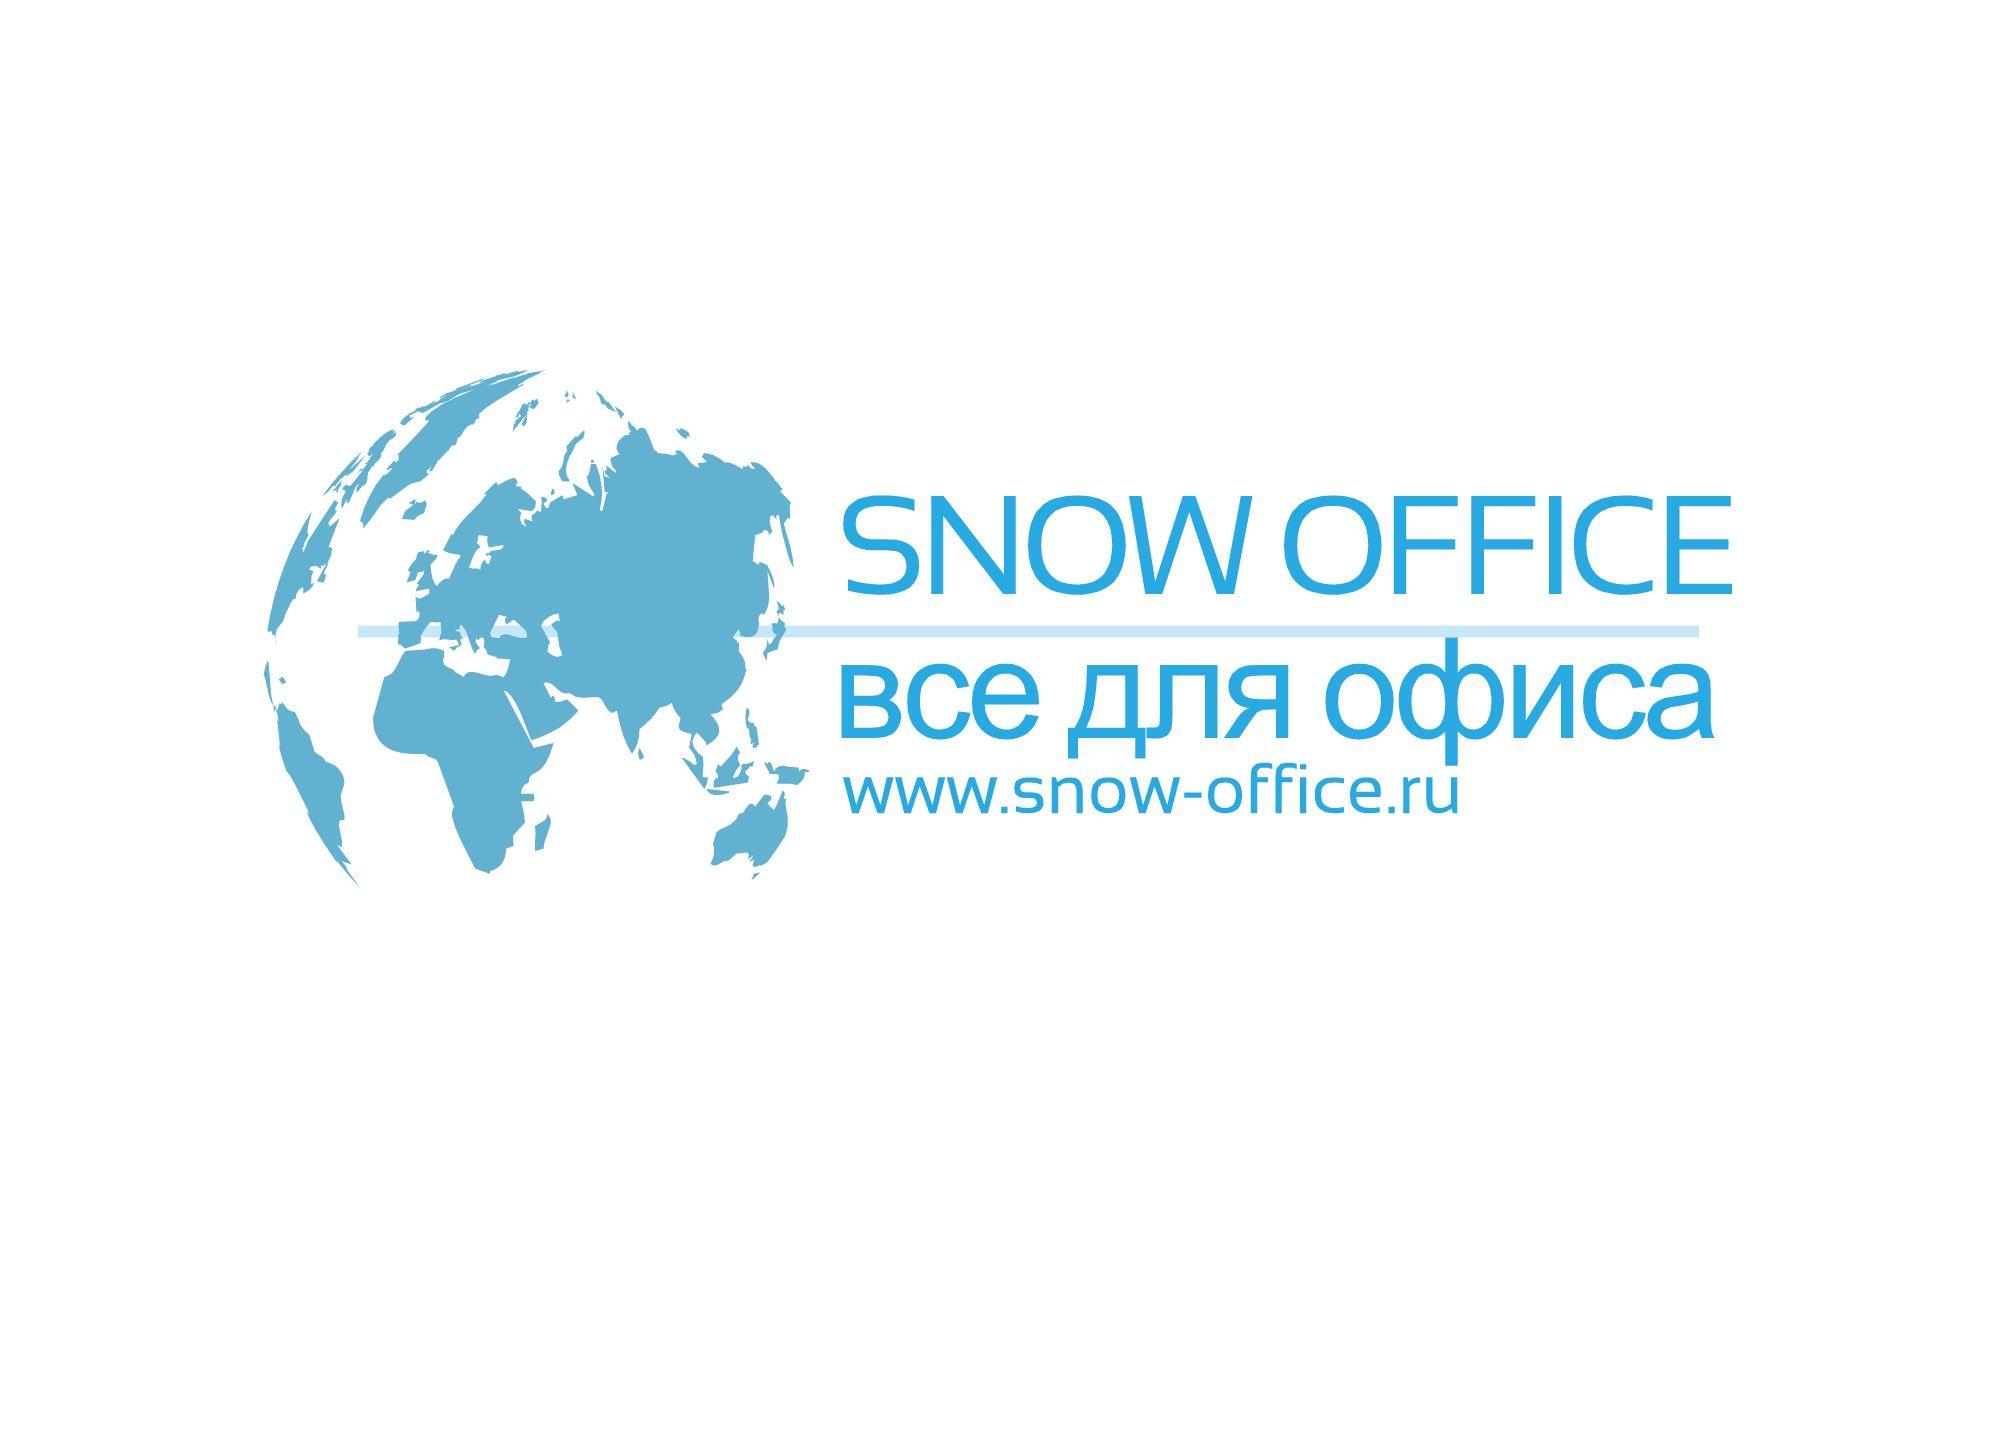 Лого и фирменный стиль для интернет-магазина - дизайнер sasory96